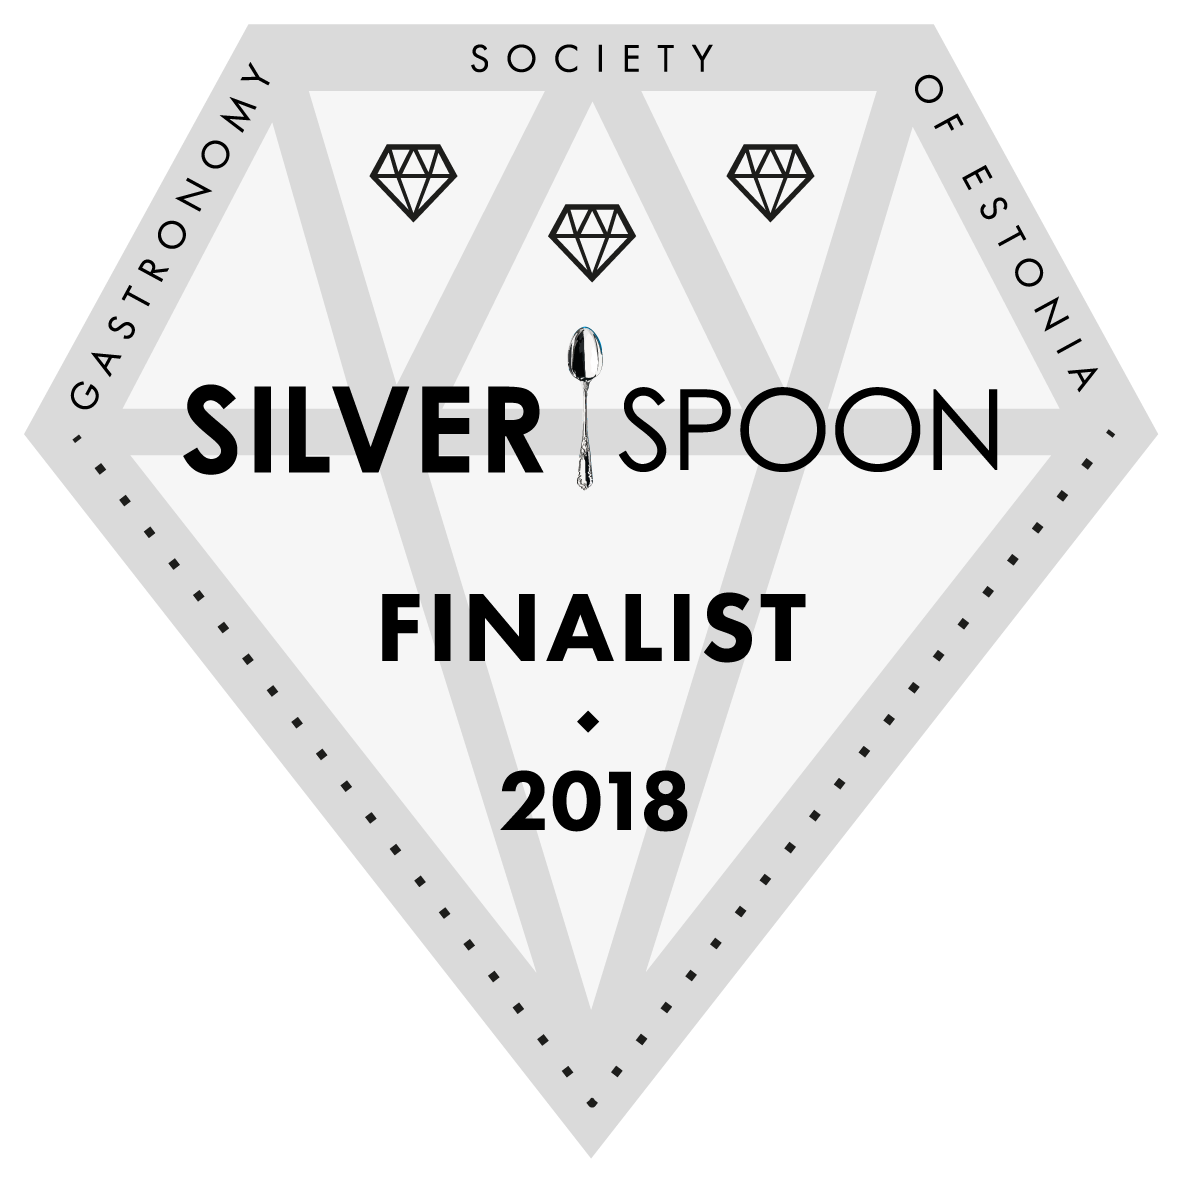 Silverspoon_2018_finalist